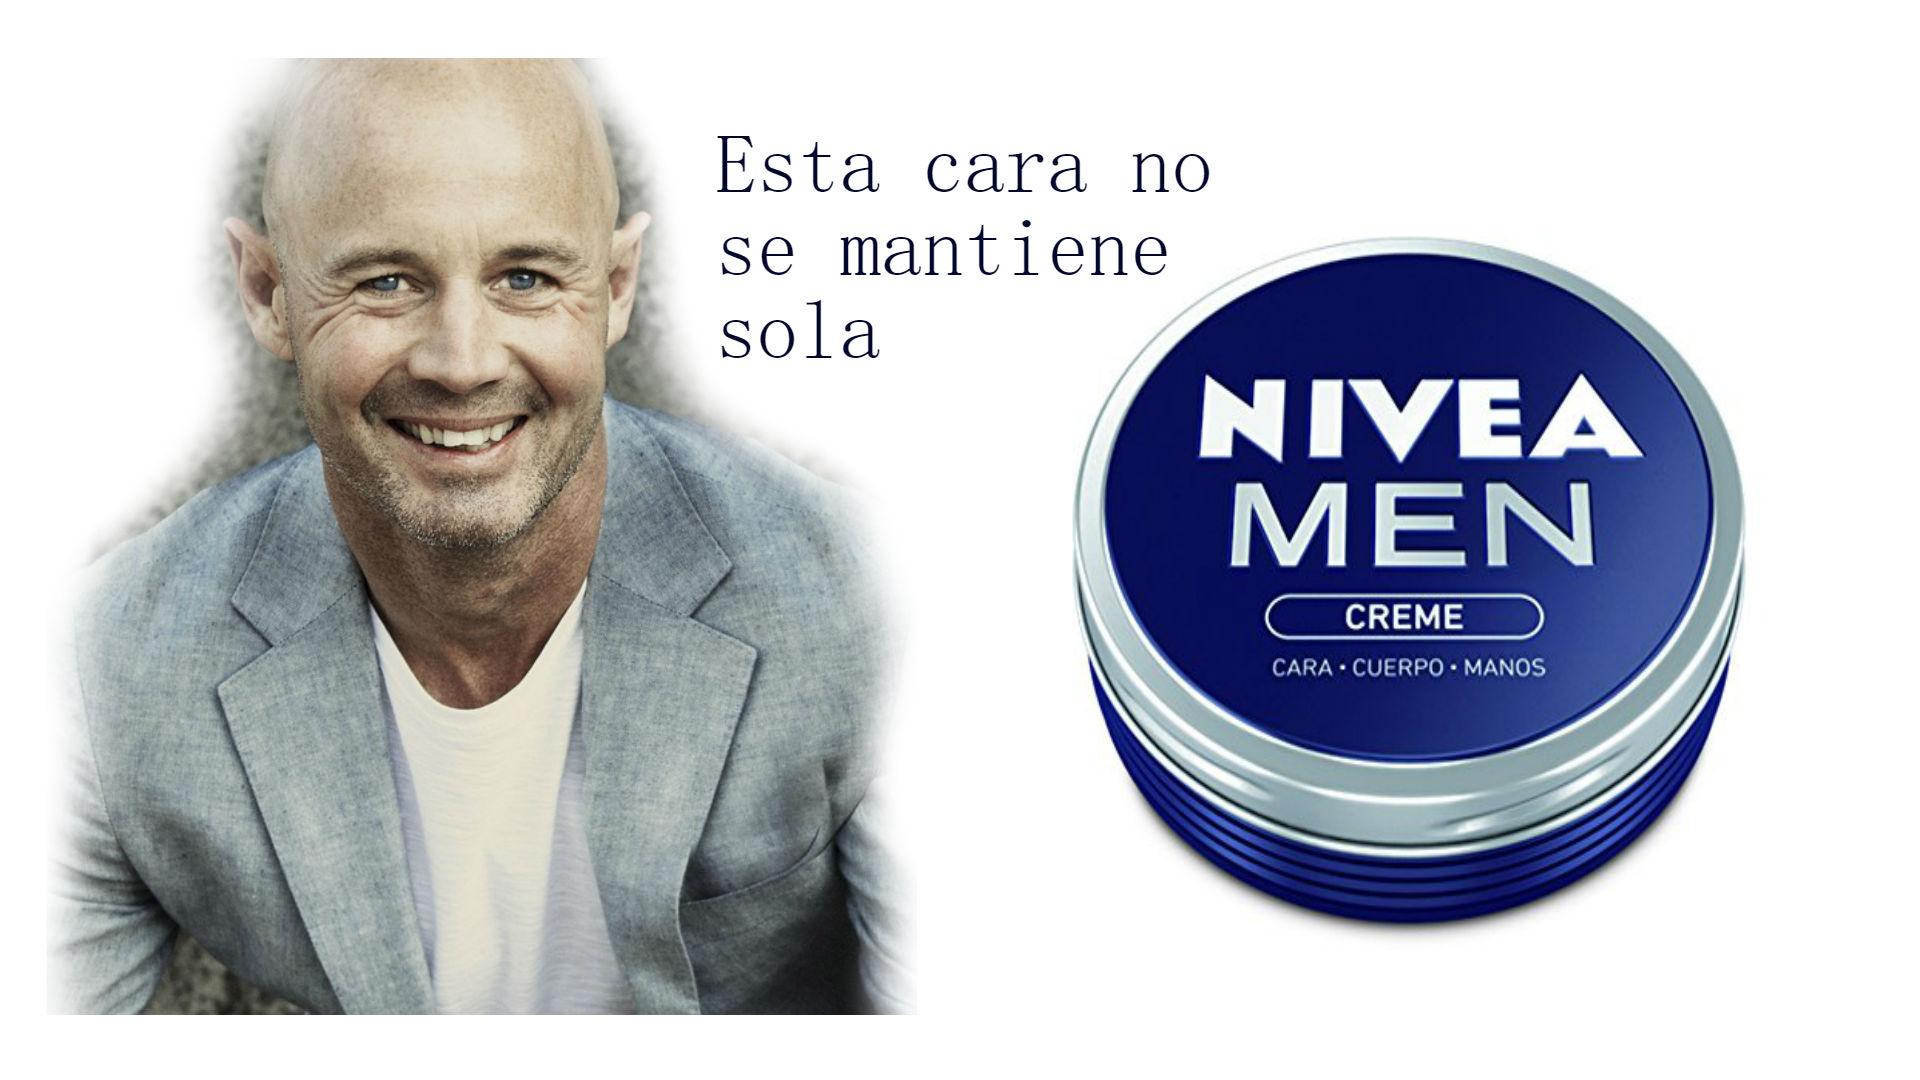 crema_nivea_men.jpg